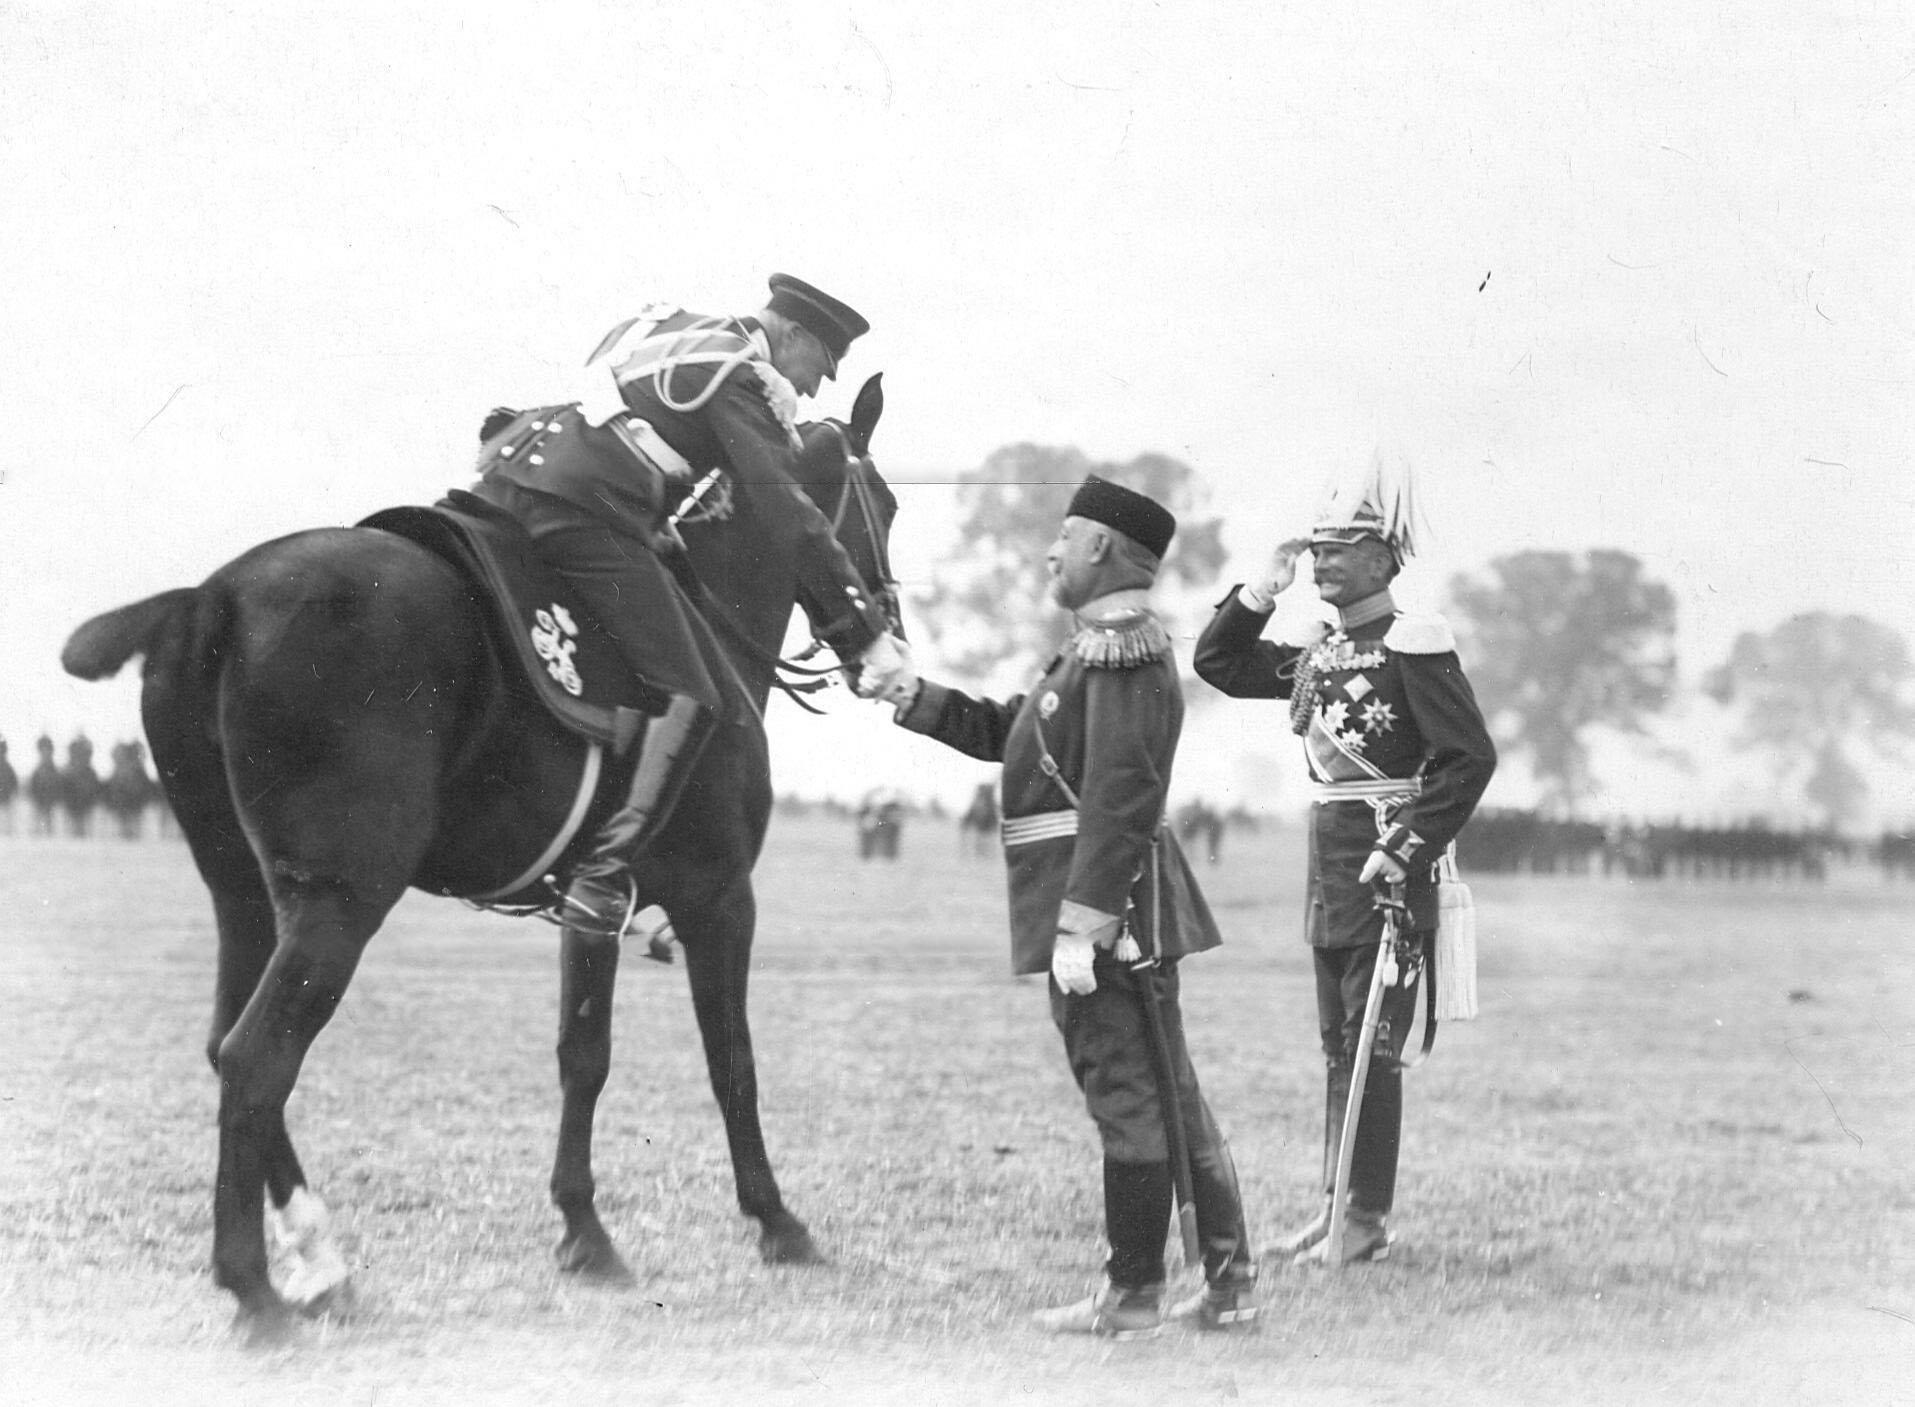 Командир полка генерал-майор Л.Н.фон Баумгартен встречает гостей, приехавших на  празднование 250-летнего юбилея полка